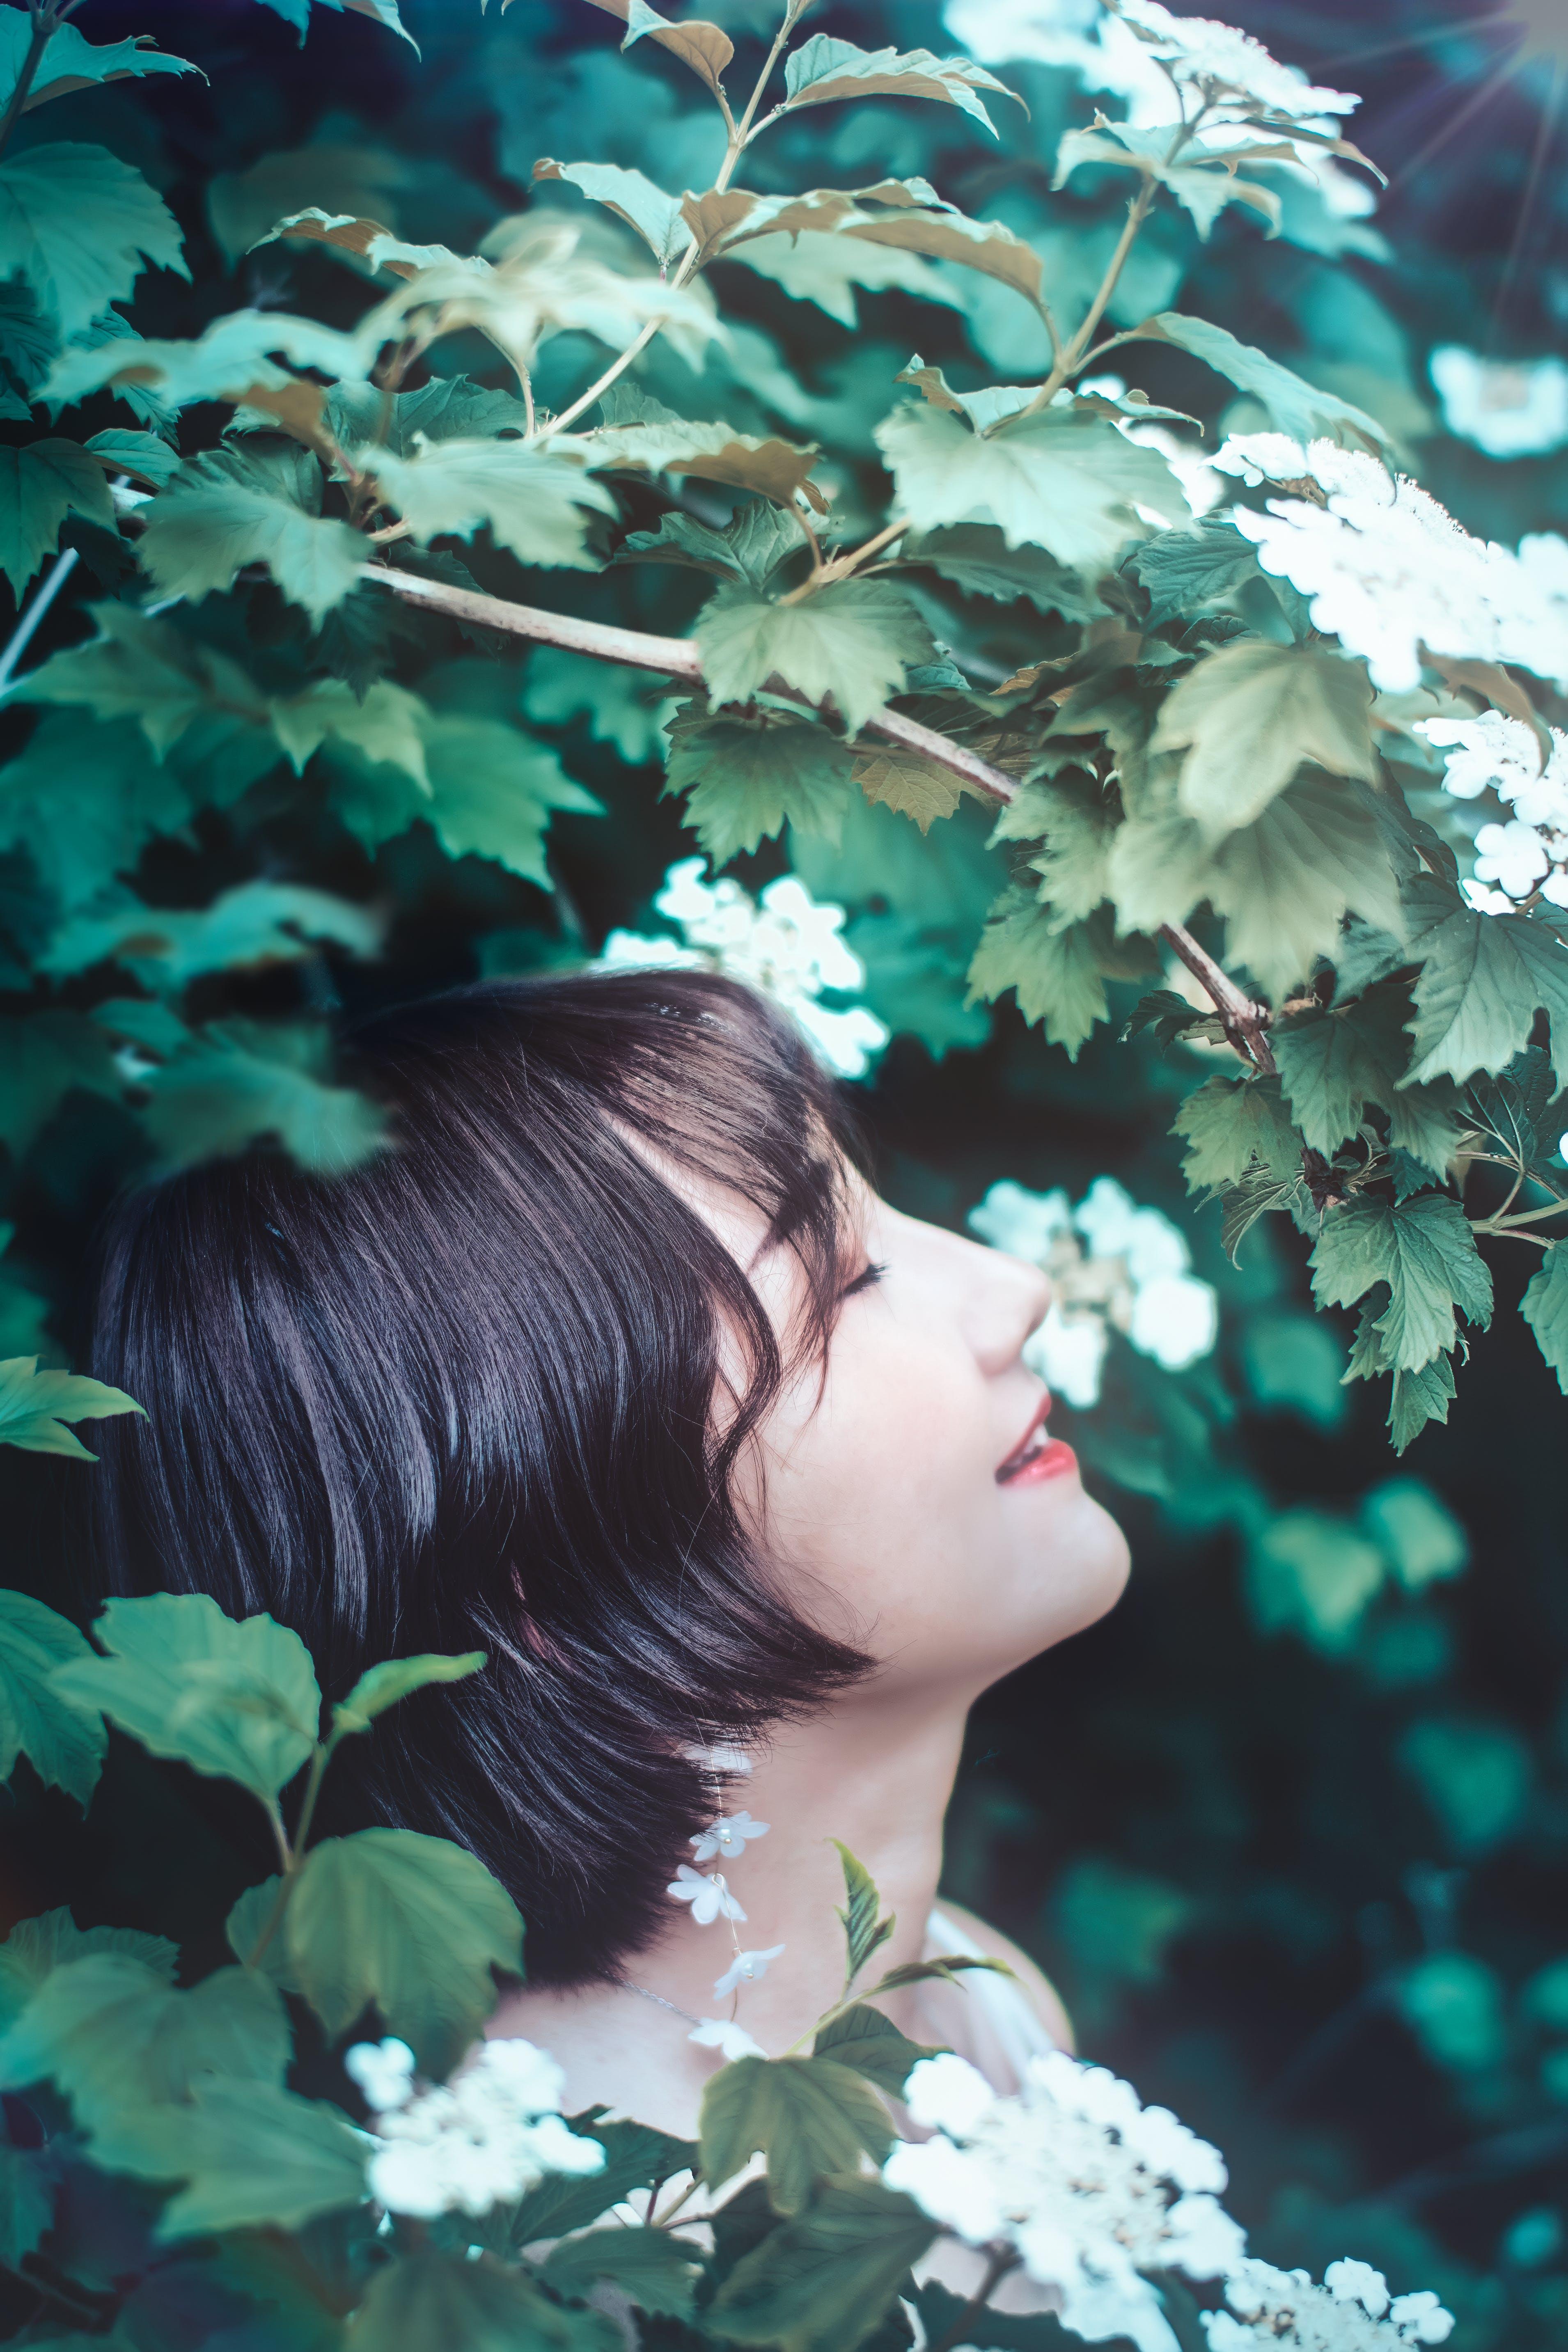 Foto stok gratis bagus, bunga, cewek, cute